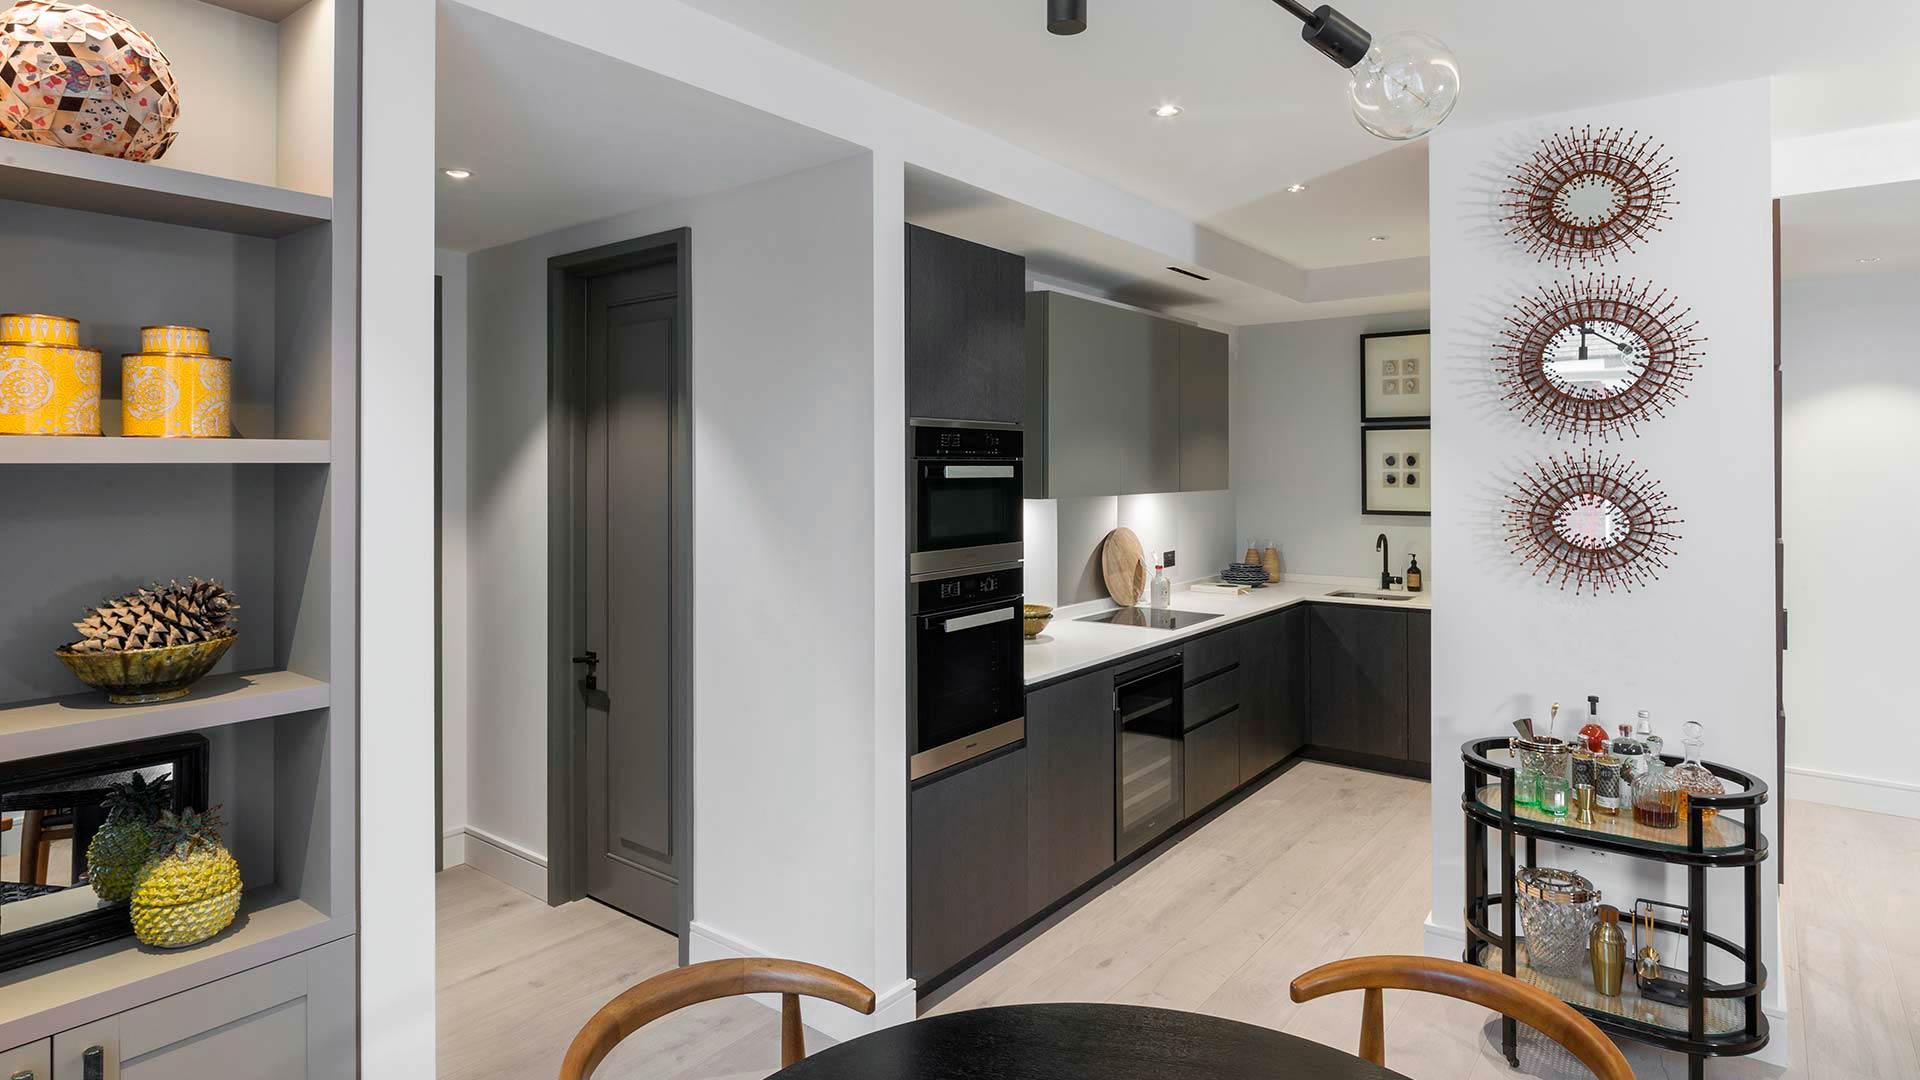 Interior_multiapartment Londra 5